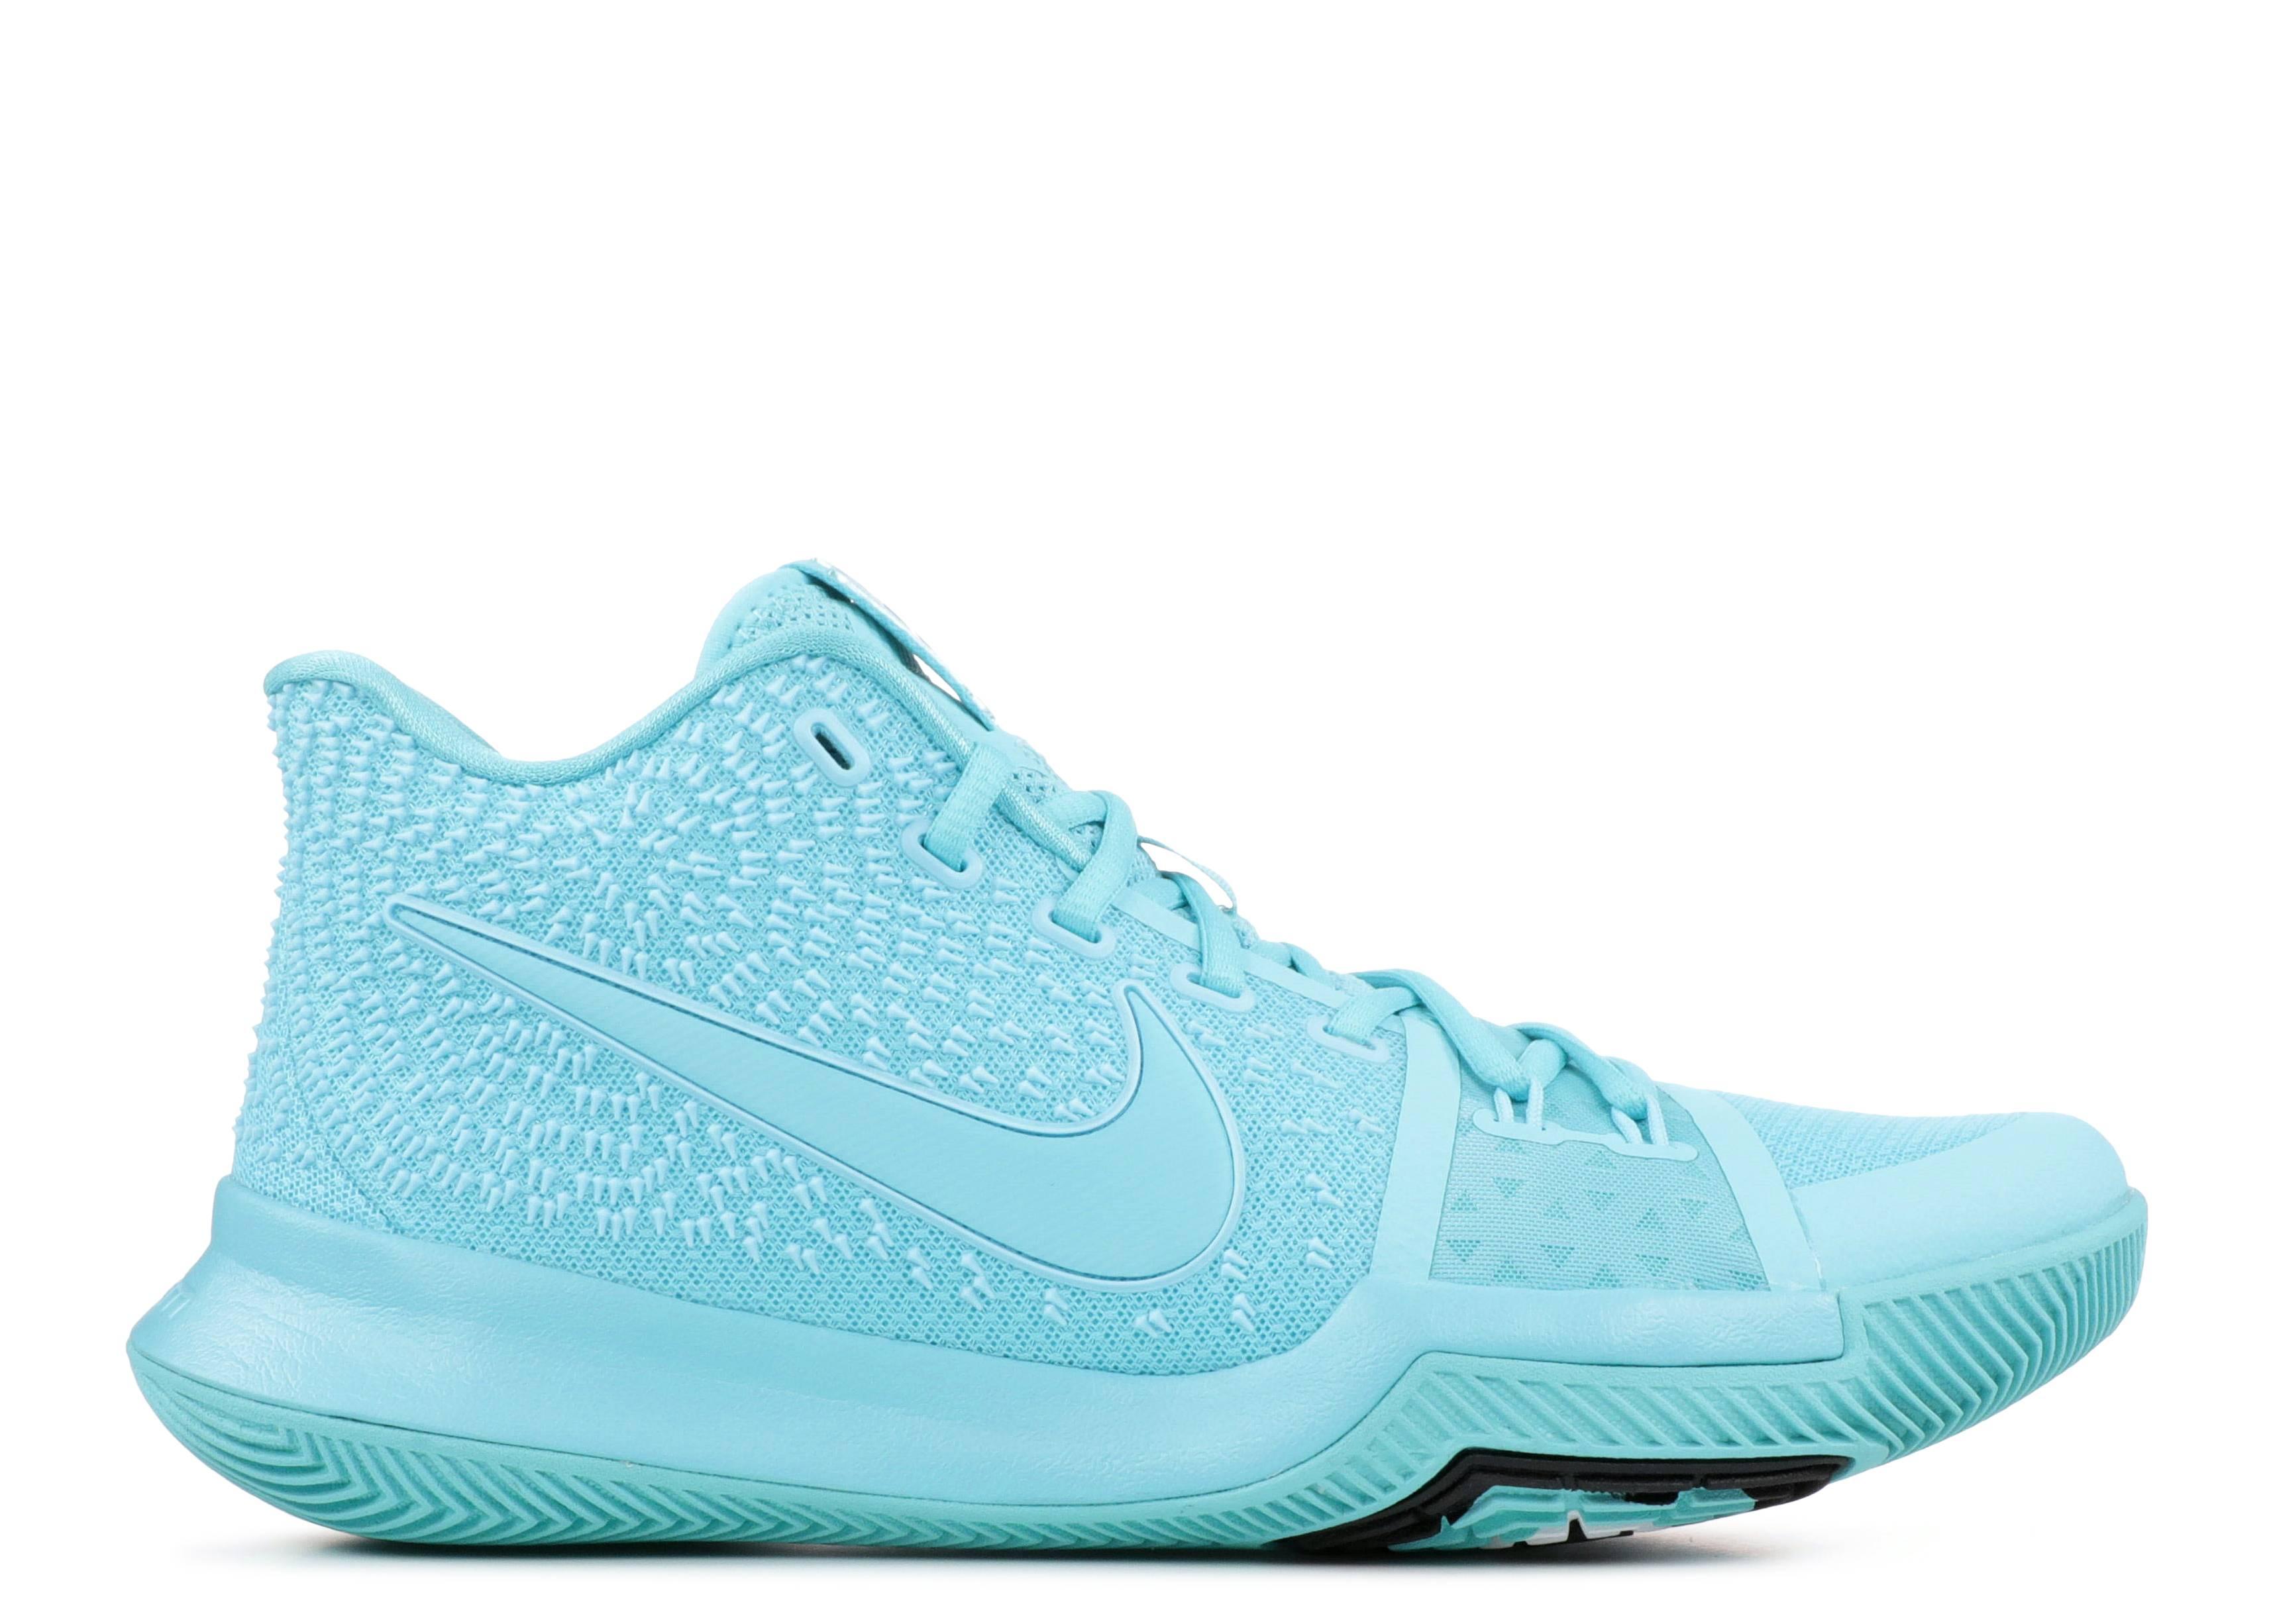 8d66544784aa Kyrie 3 - Nike - 852395 401 - aqua aqua-black